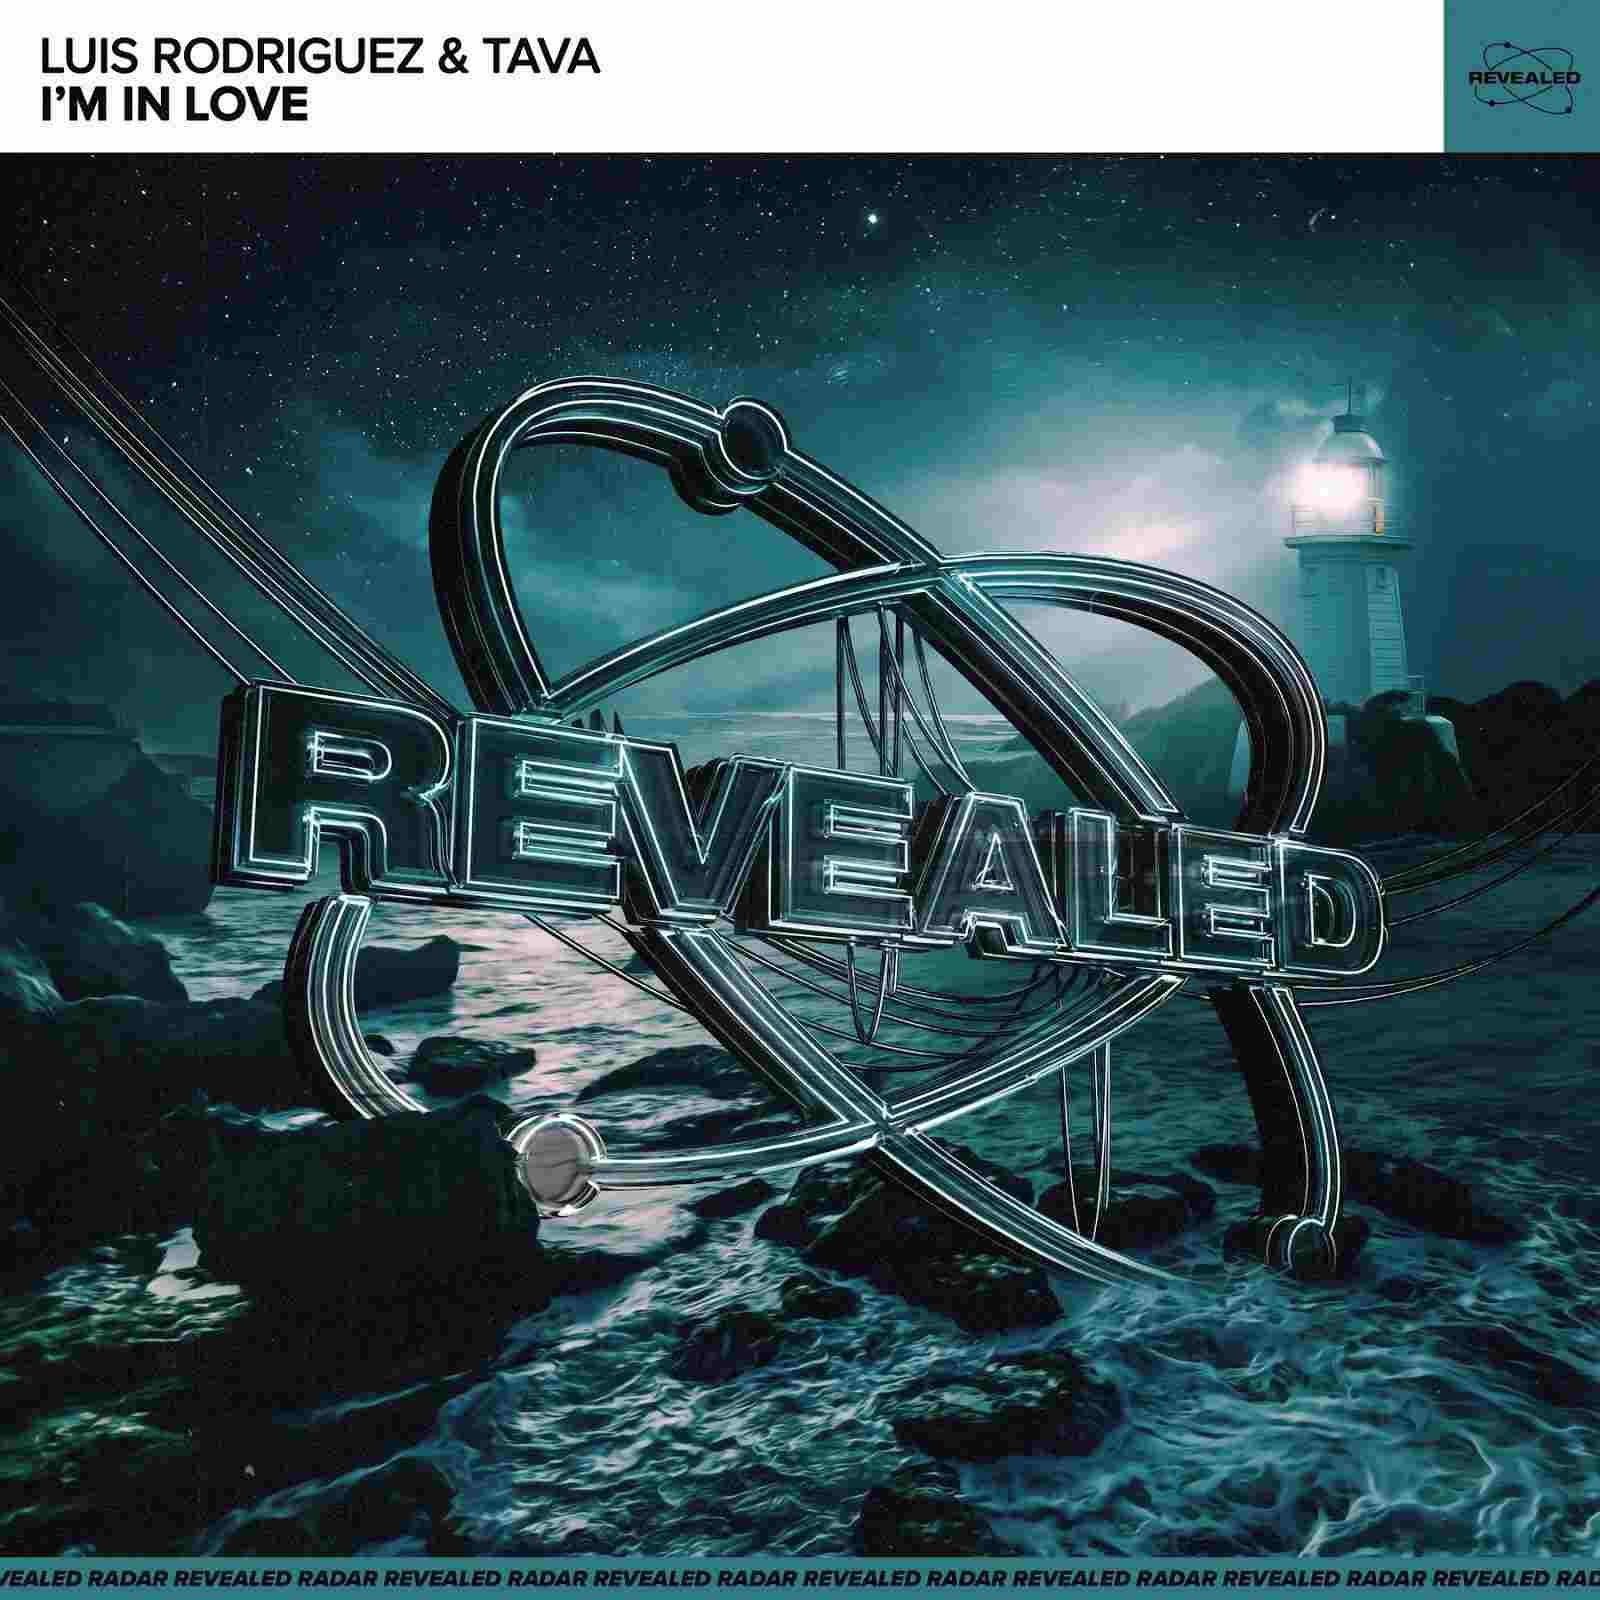 """TAVA & Luis Rodriguez, """"I'm in love"""" è il nuovo singolo del dj internazionale Tava sull'etichetta di Hardwell"""